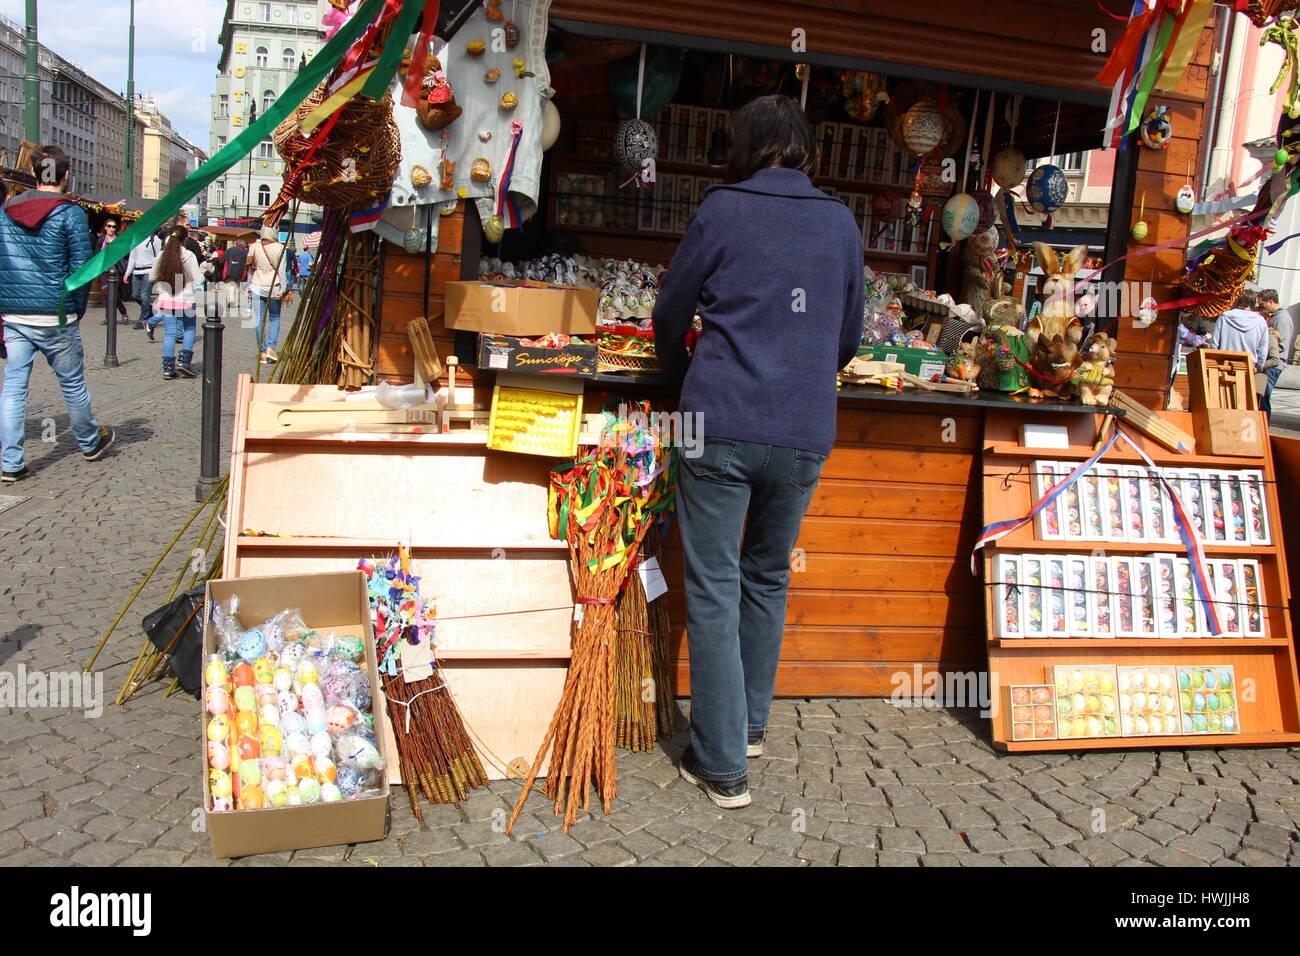 Una fase di stallo nel cuore di Praga, Repubblica Ceca vende festosa gli elementi di decorazione in anticipo della Immagini Stock